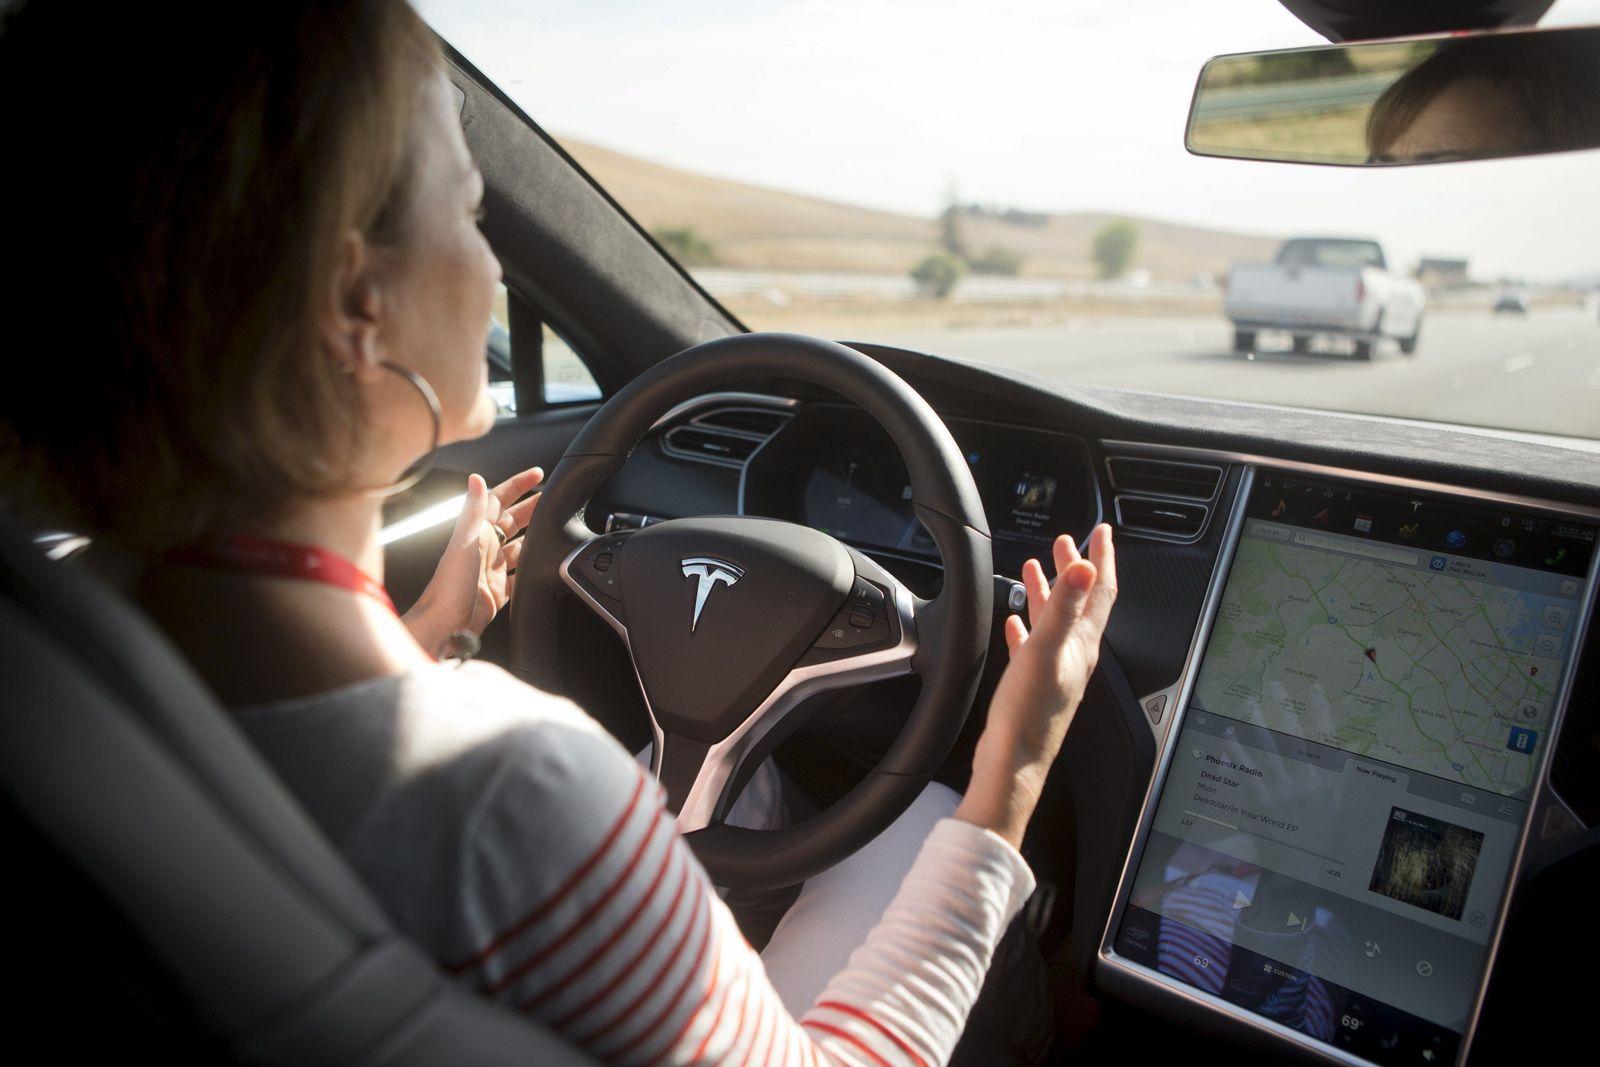 Tesla / Autopilot